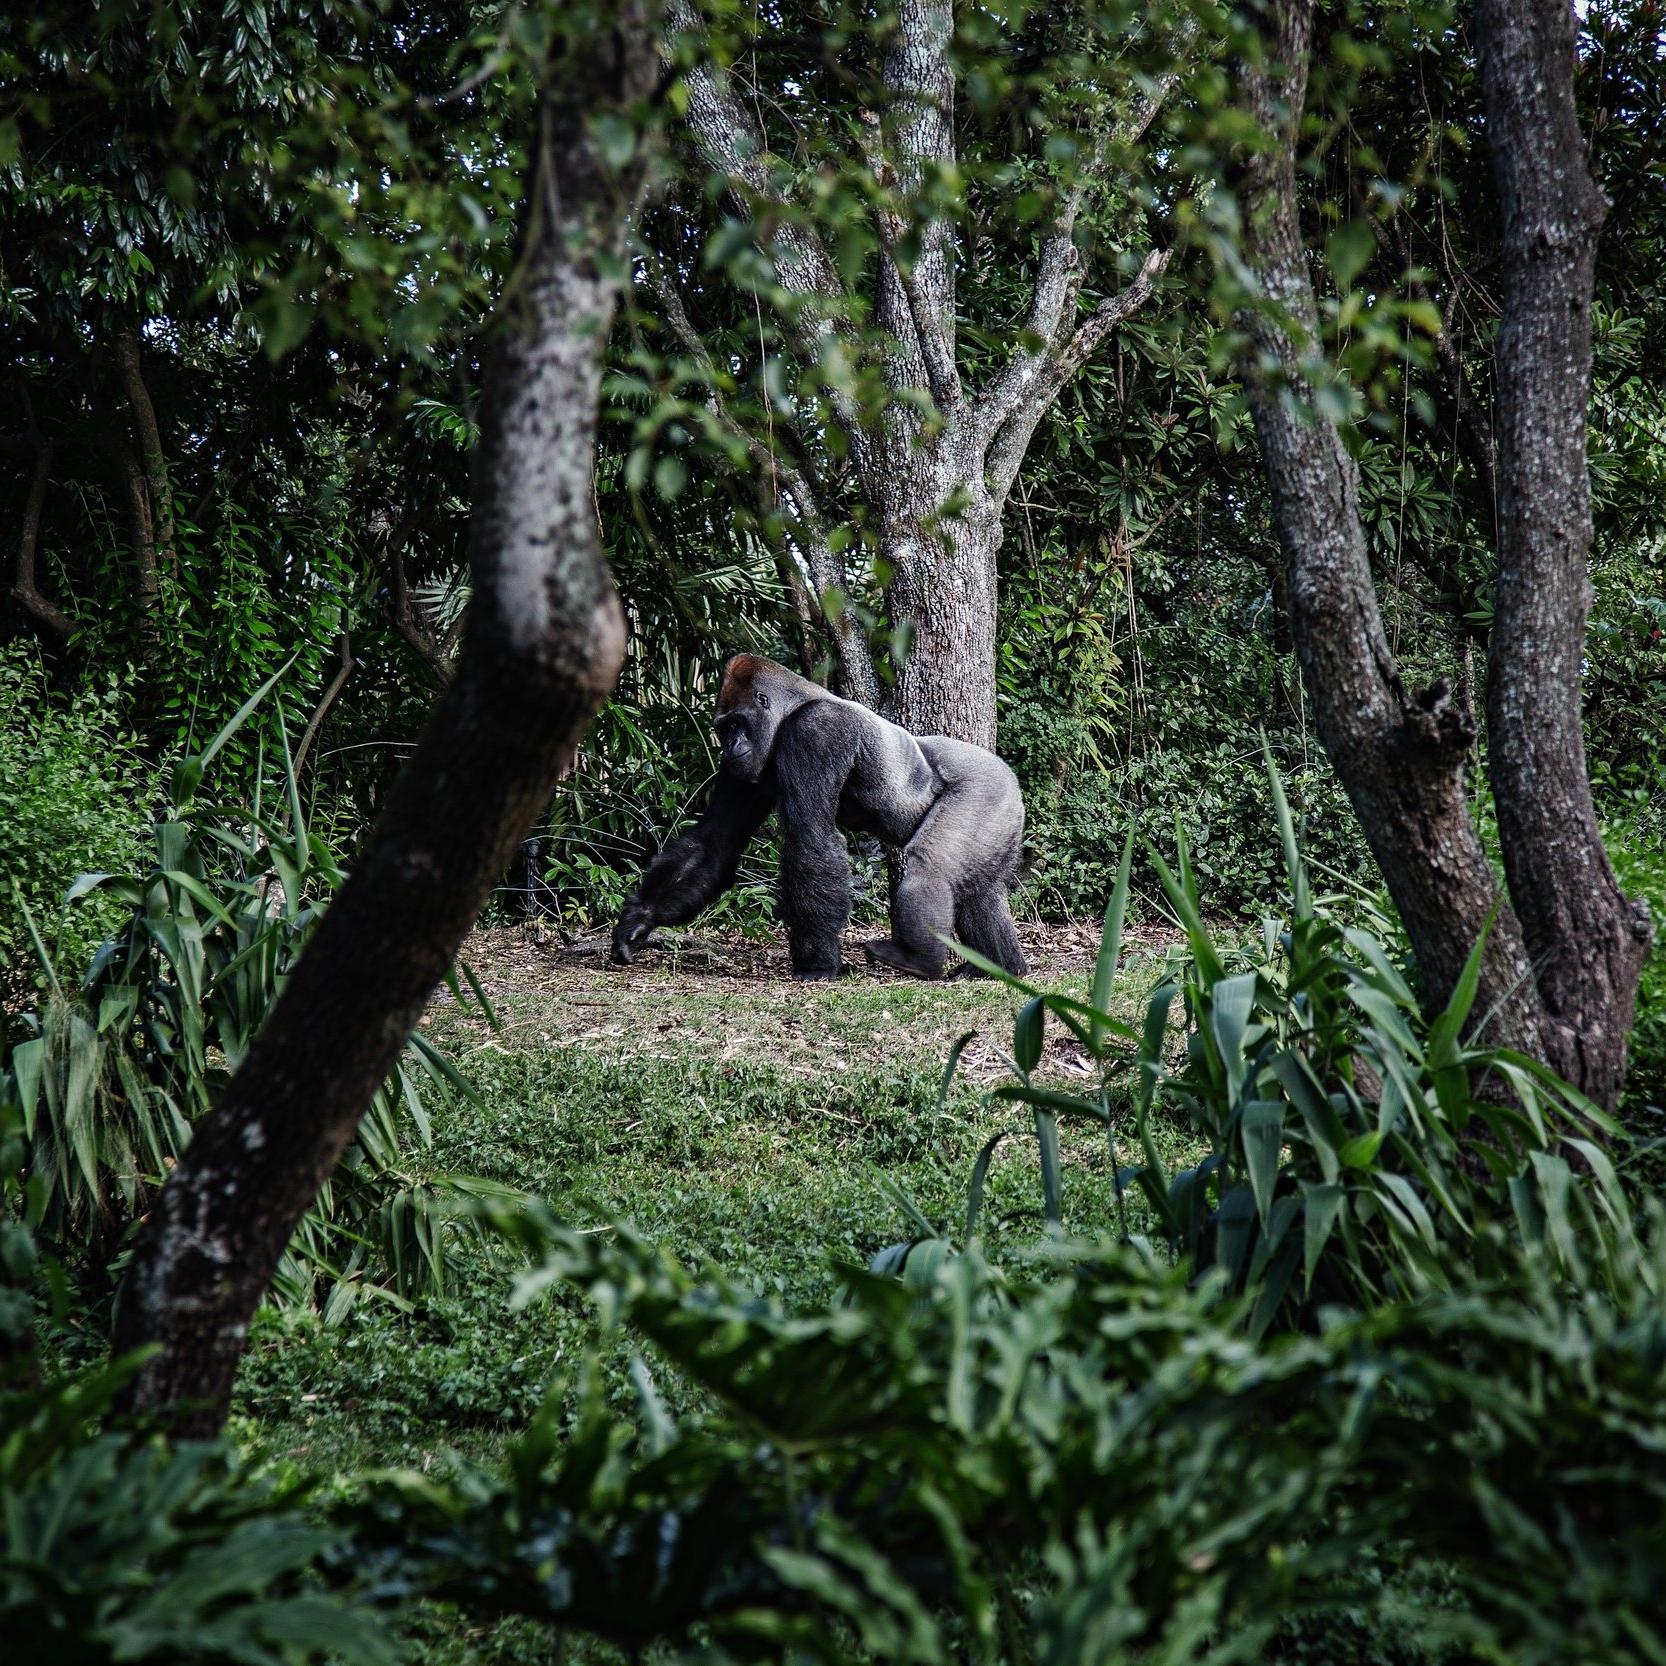 uganda_rwanda_foreign_domestic.jpg